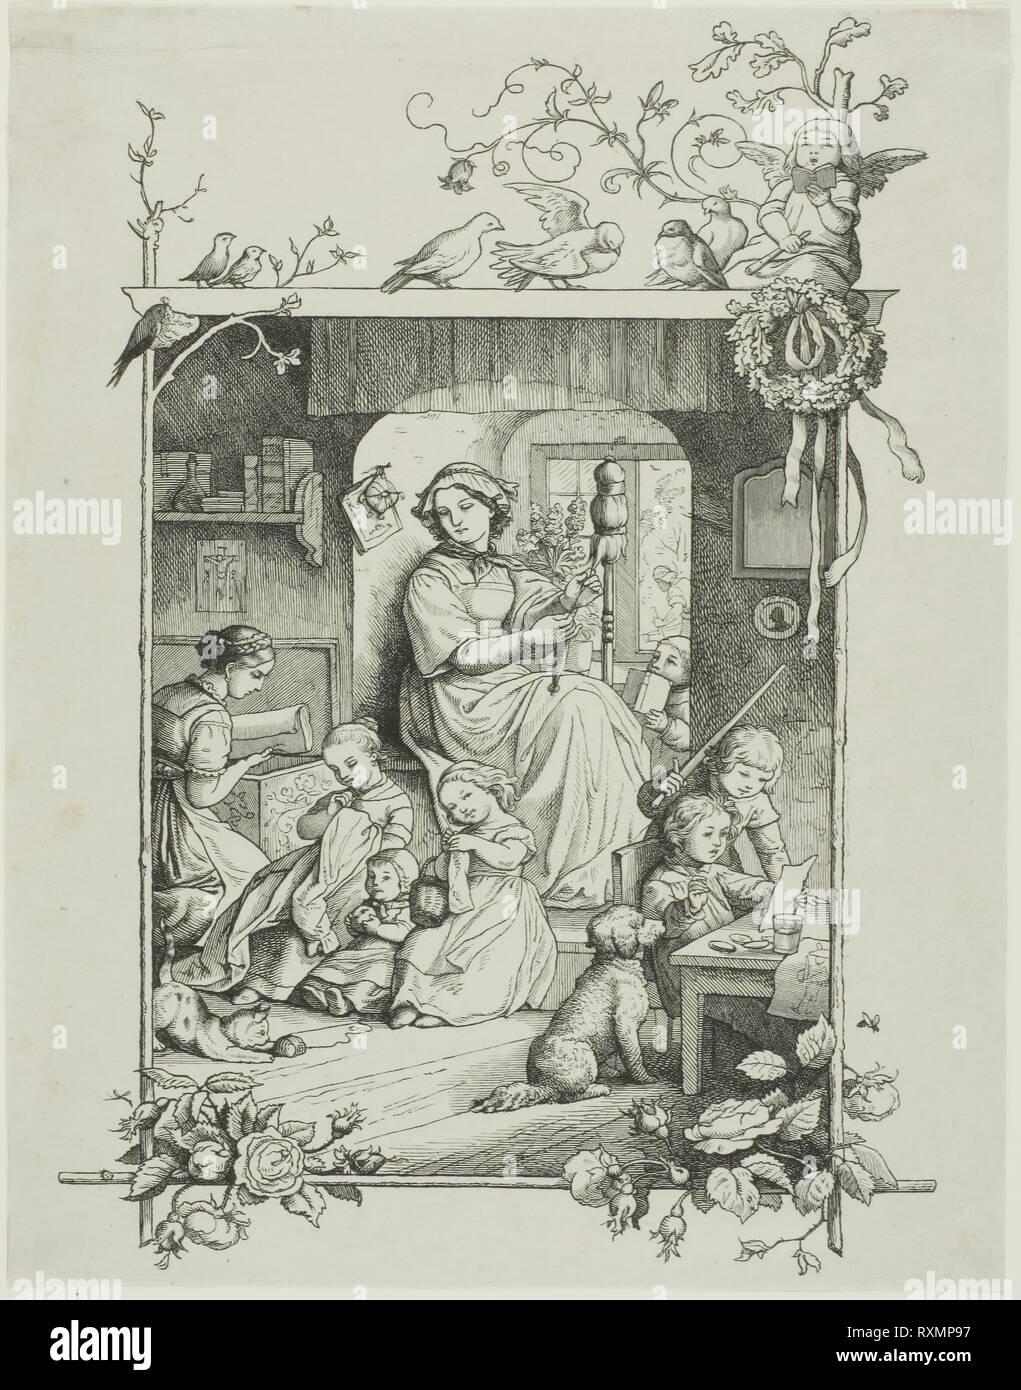 La casalinga. Agosto Gaber (Tedesco, 1823-1891); dopo Adrian Ludwig Richter (Tedesco, 1803-1884); pubblicato da Gaber & Richter (Tedesco, 1856-1860); scritto da Friedrich von Schiller (Tedesco, 1759-1805). Data: 1856-1857. Dimensioni: 202 x 141 mm (nell'immagine); 205 x 160 mm (foglio). Incisione su legno in nero su grigio Cina carta. Origine: Germania. Museo: Chicago Art Institute. Immagini Stock